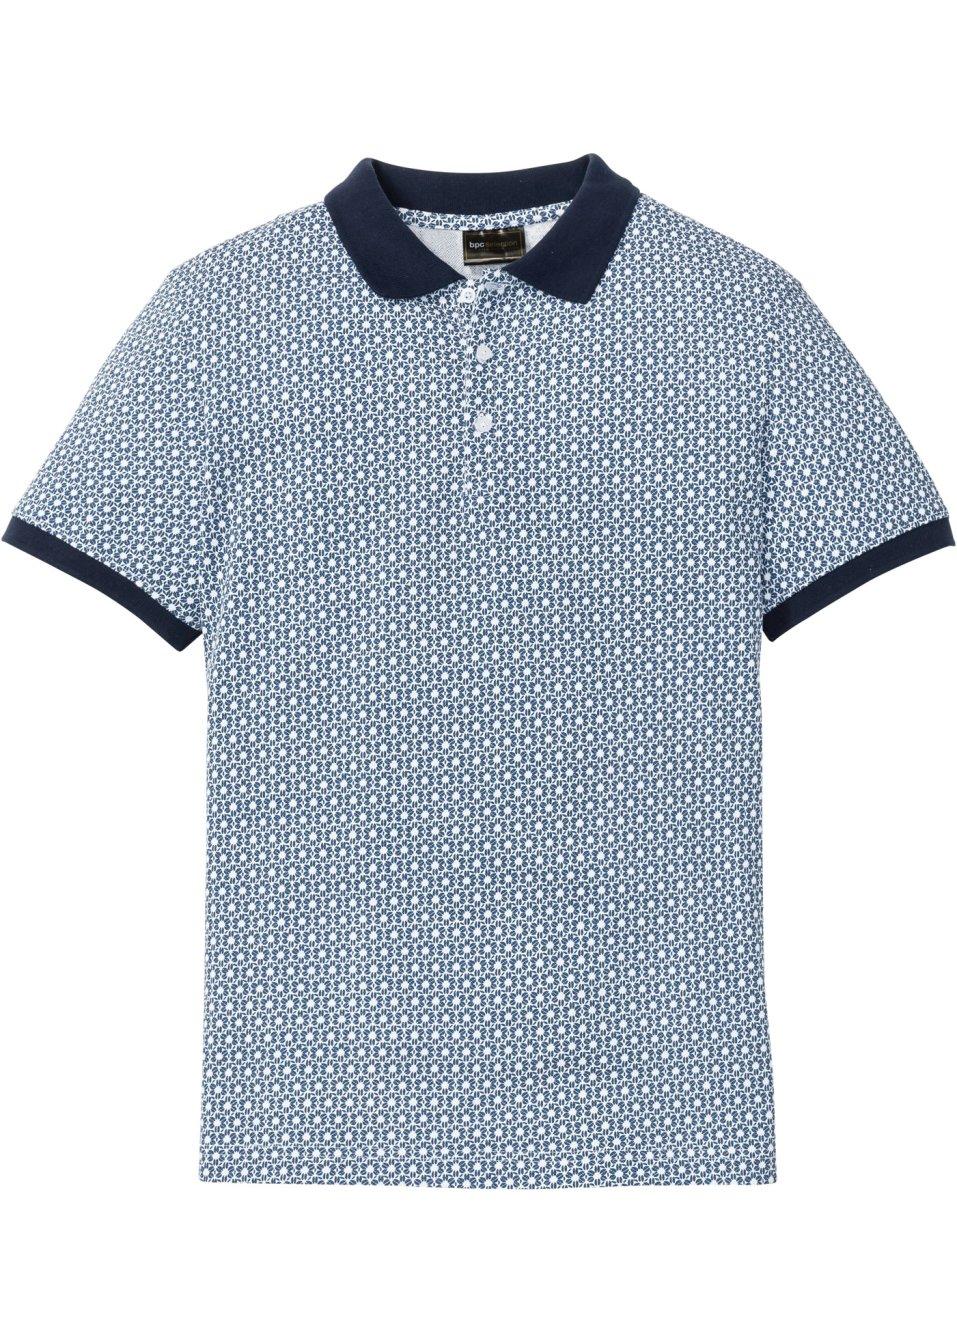 Herren Poloshirt graphisch bedruckt - blau/weiß graphisch bedruckt khtvd jXKck